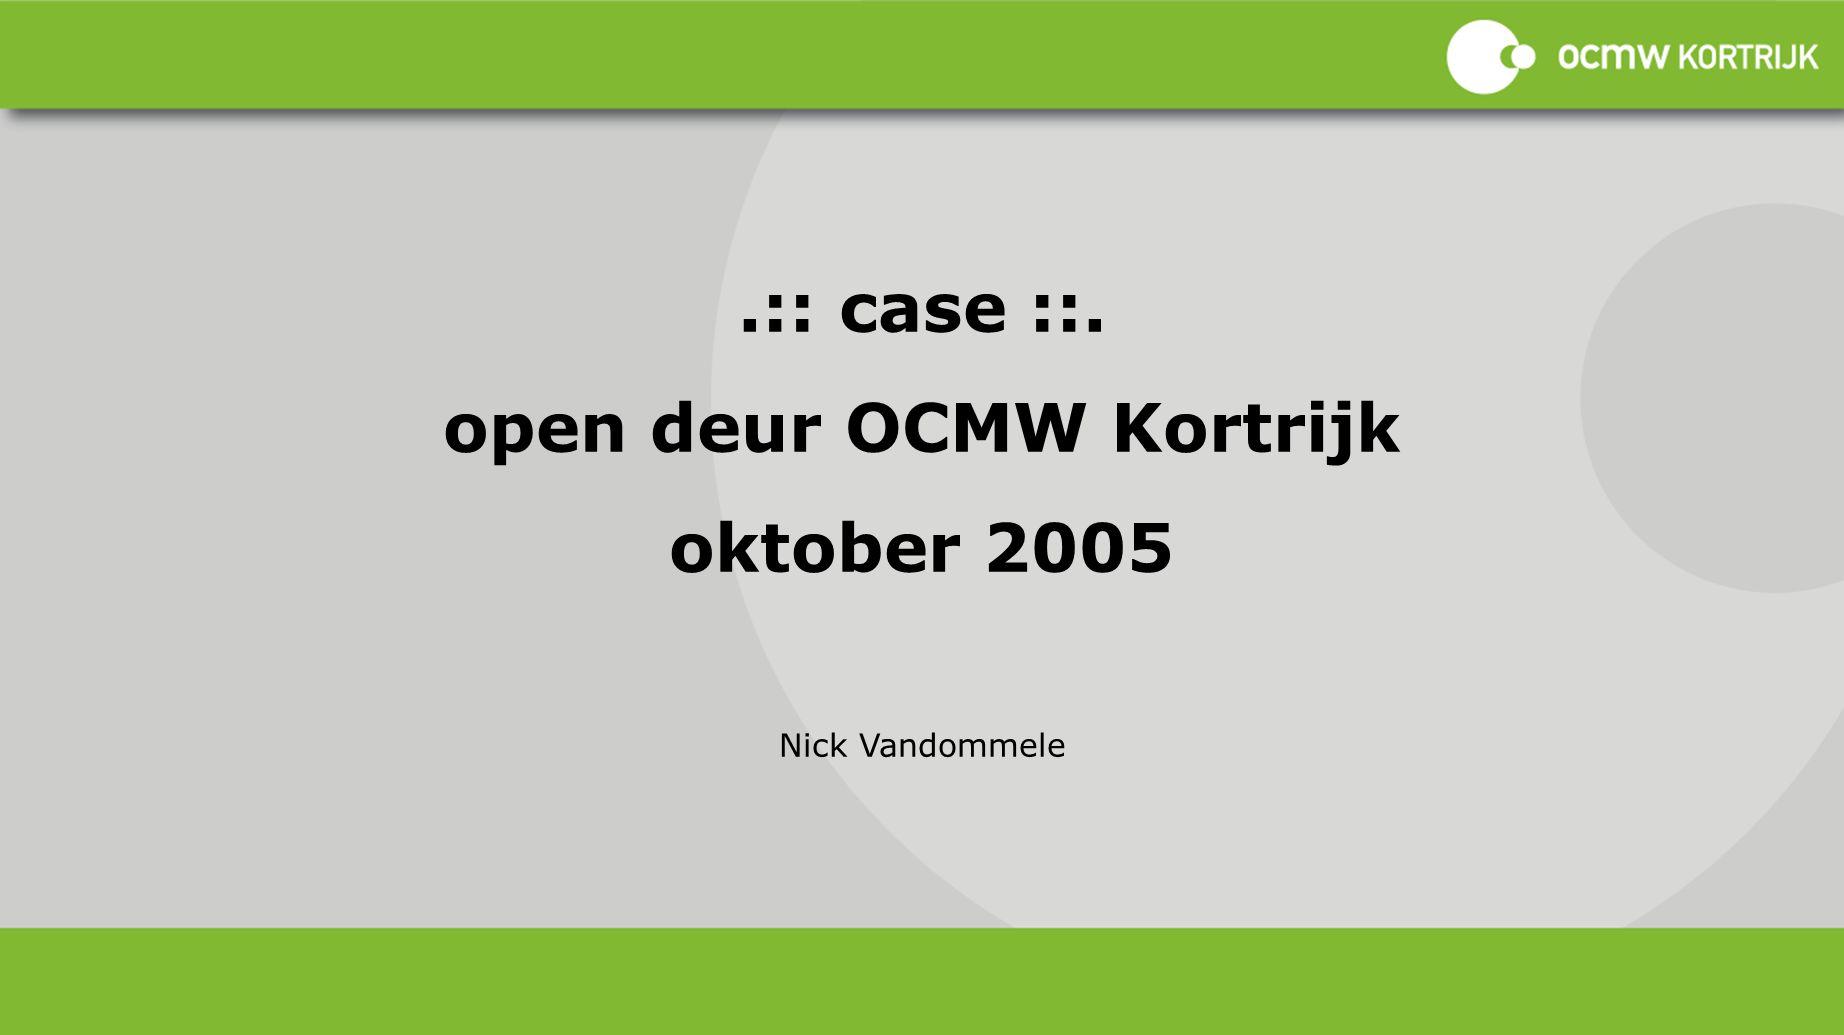 open deur ocmw kortrijk | extra info draaiboek Ministerie Maatschappelijke Integratie (zie kennisdatabank Kortom)